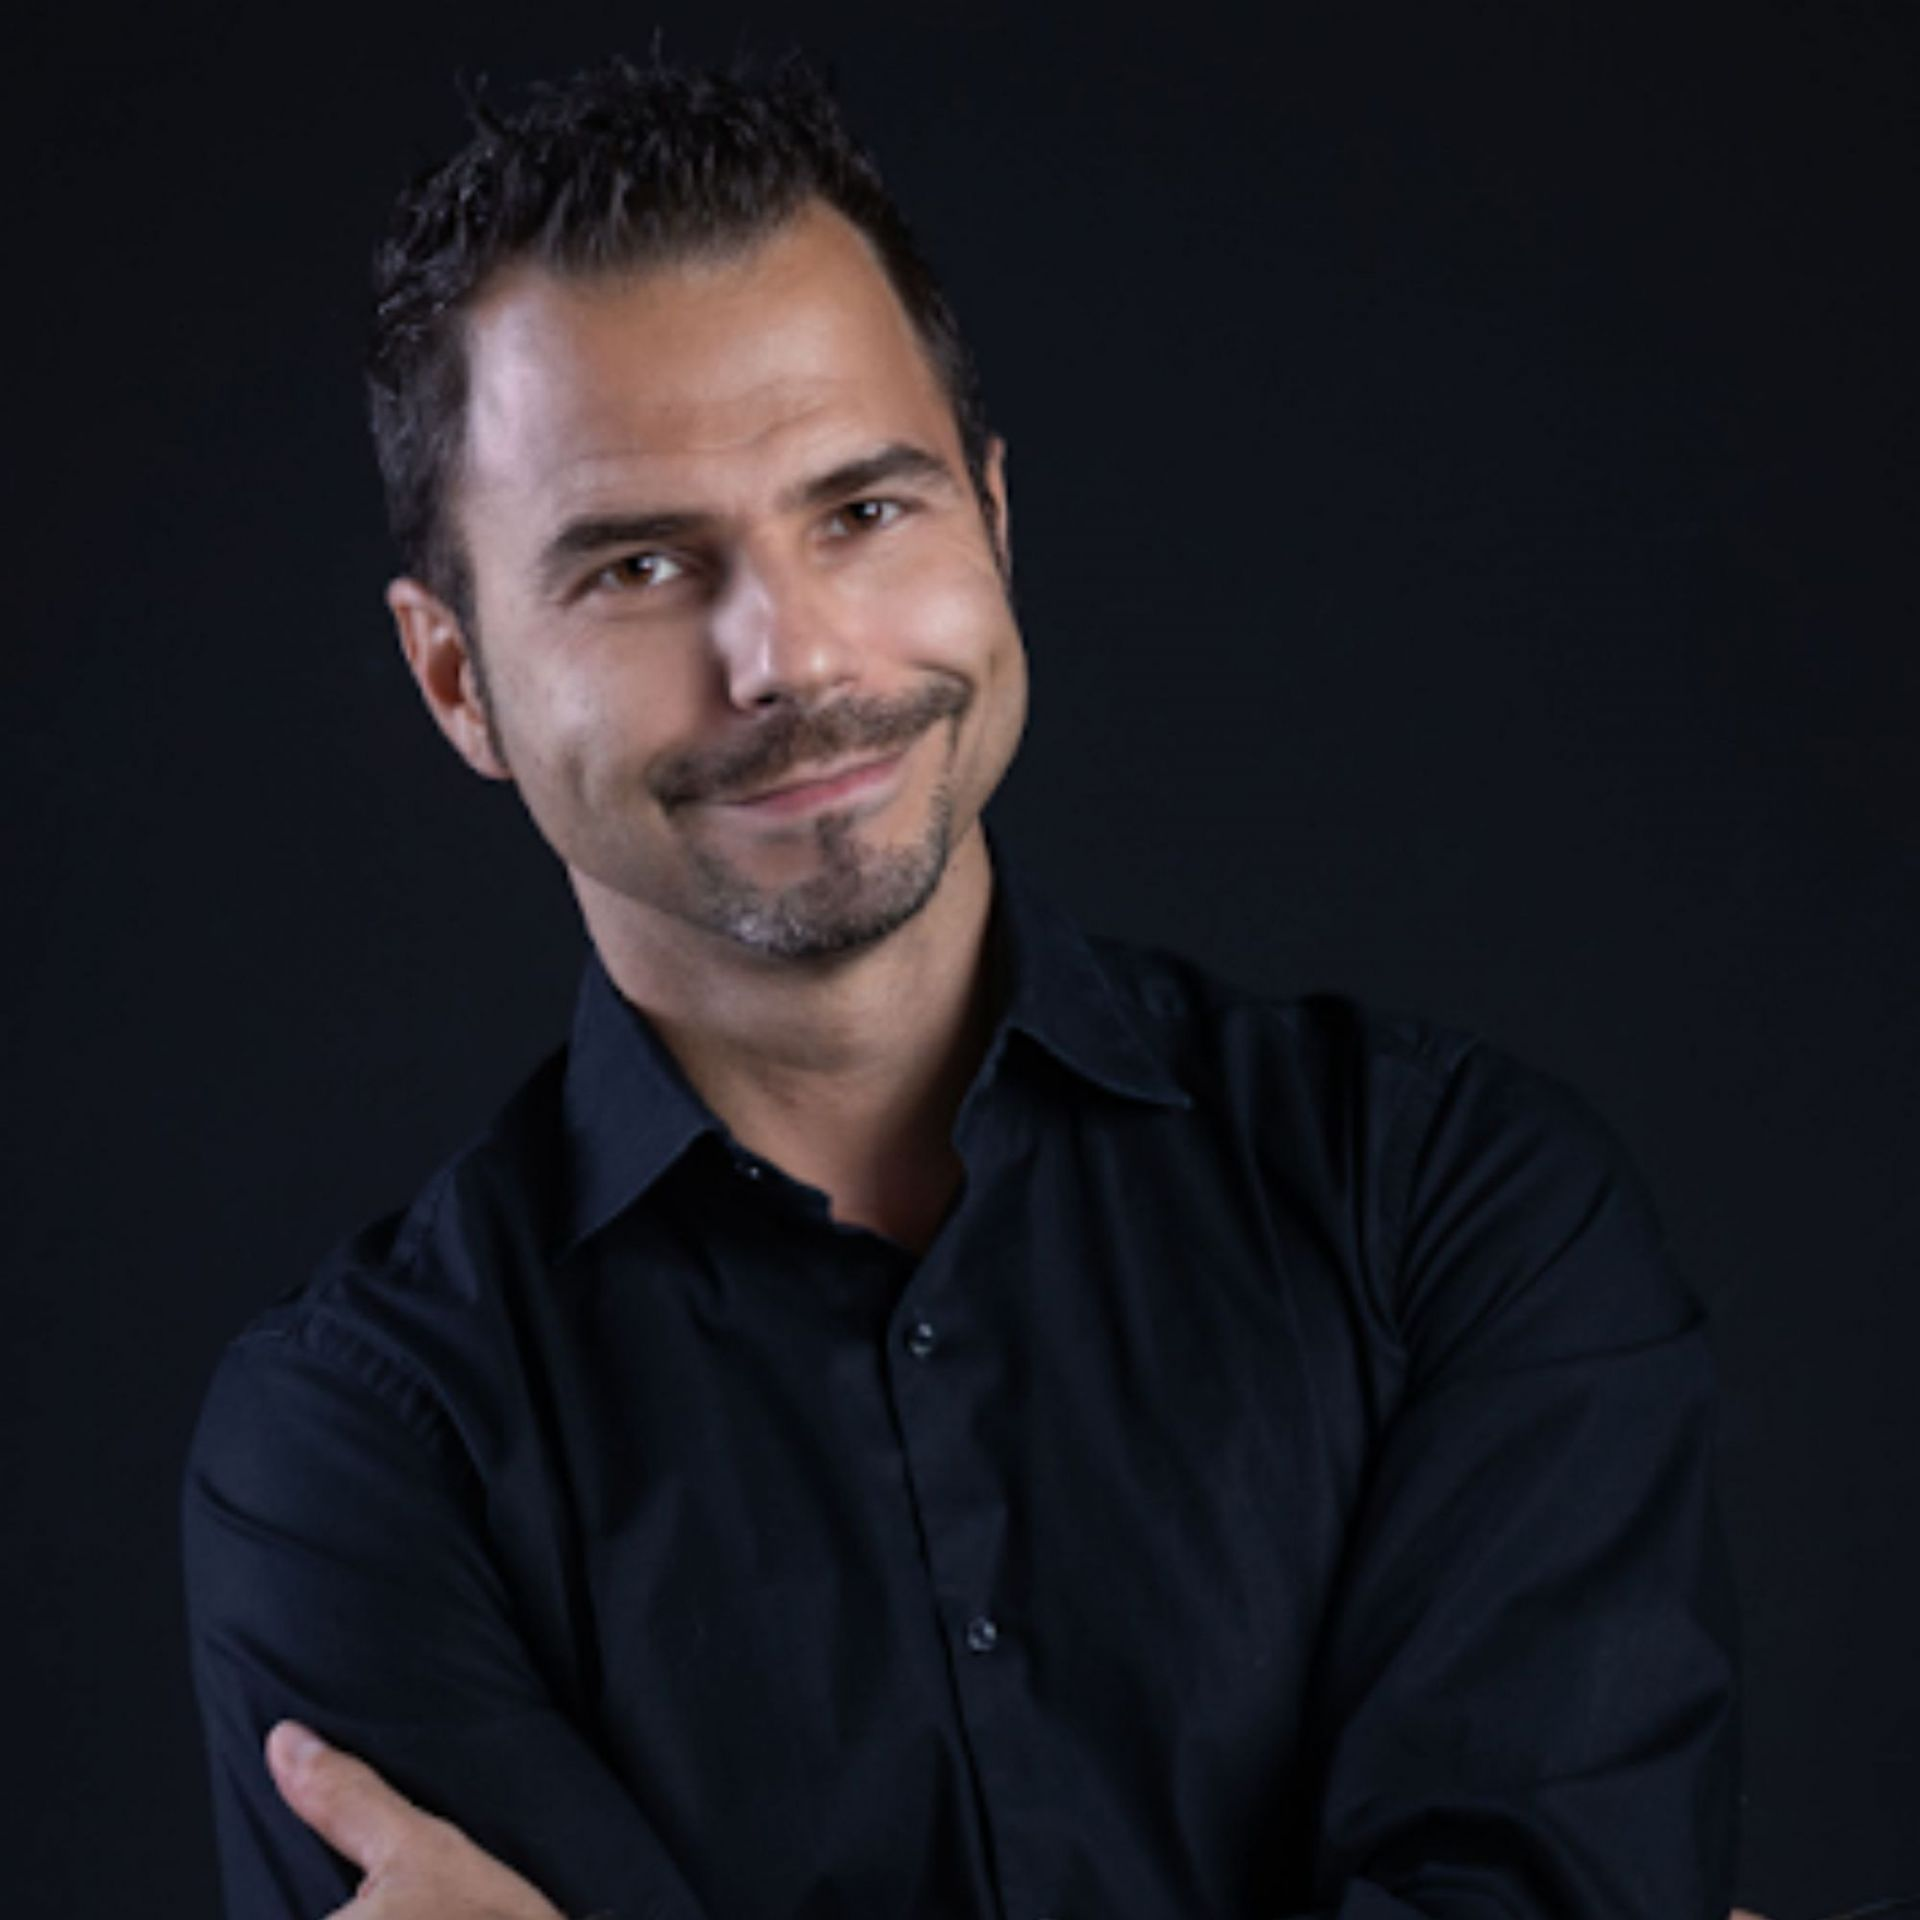 Gianni Zoccatelli